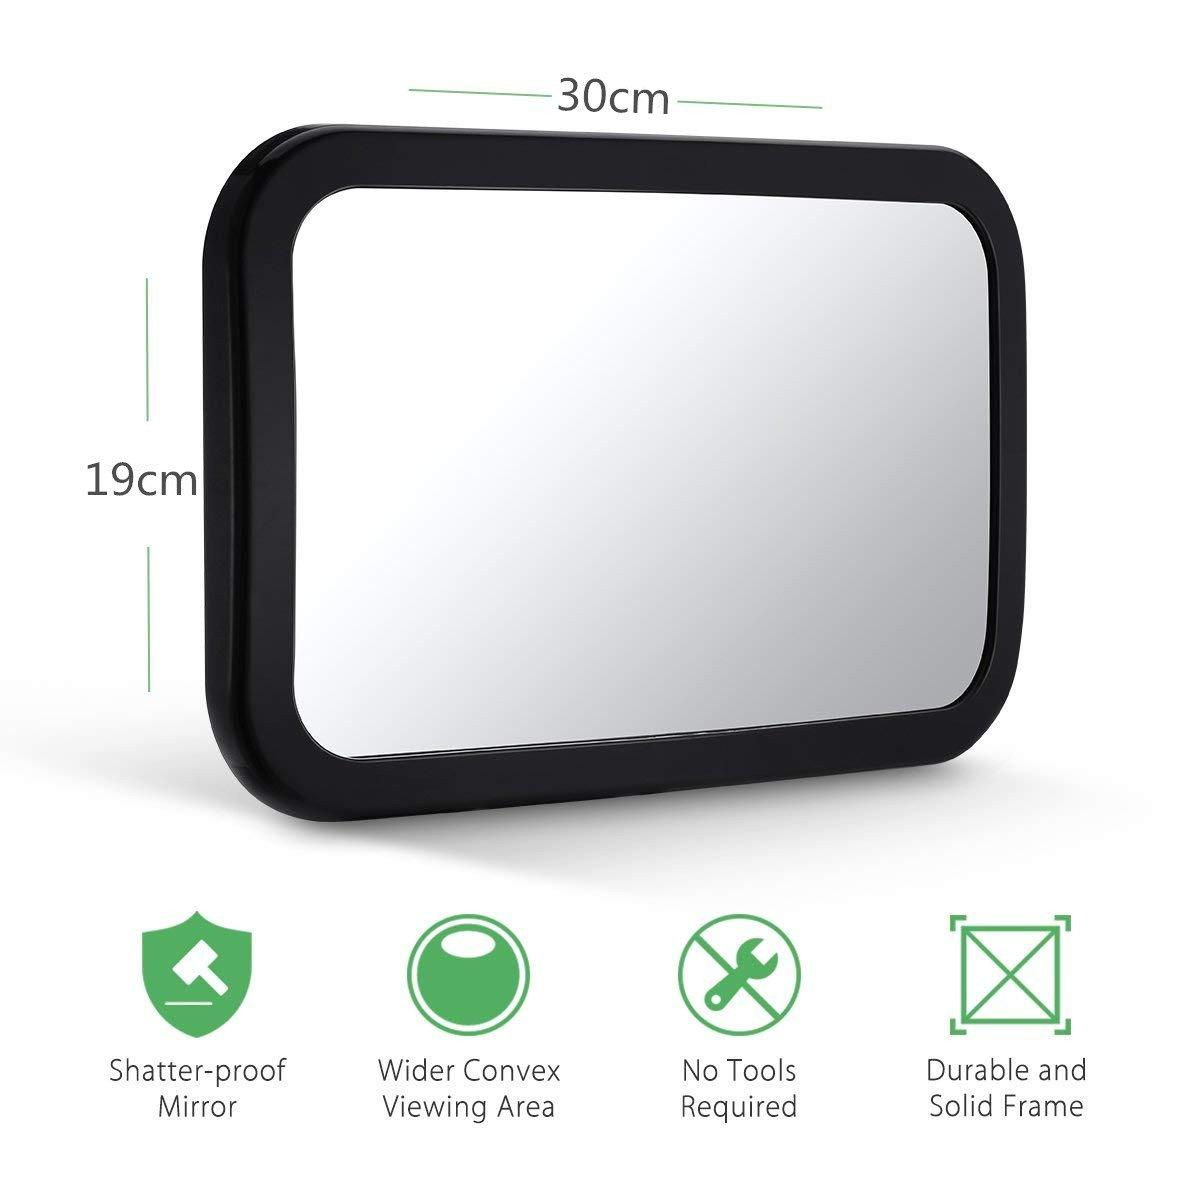 Miroir auto b/éb/é Rotation 360/°/& Fonction dInclinaison,100/% incassable Pour B/éb/é Miroir Voitu R/étroviseur de Surveillance B/éb/é pour Si/ège Arri/ère,Miroir de voiture pour b/éb/é